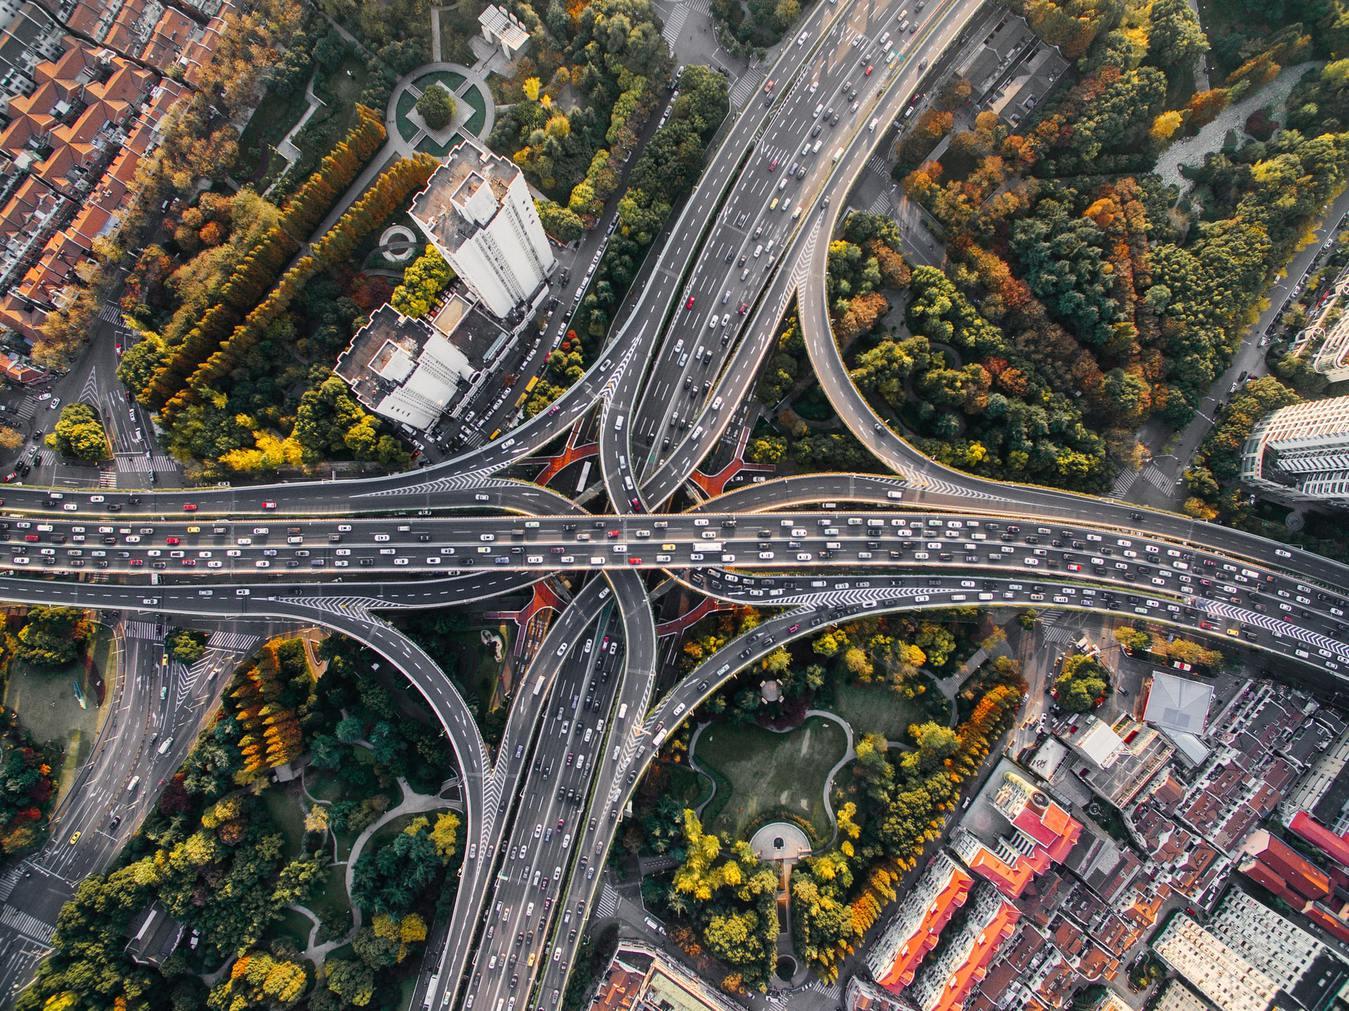 Birdview de plusieurs intersections